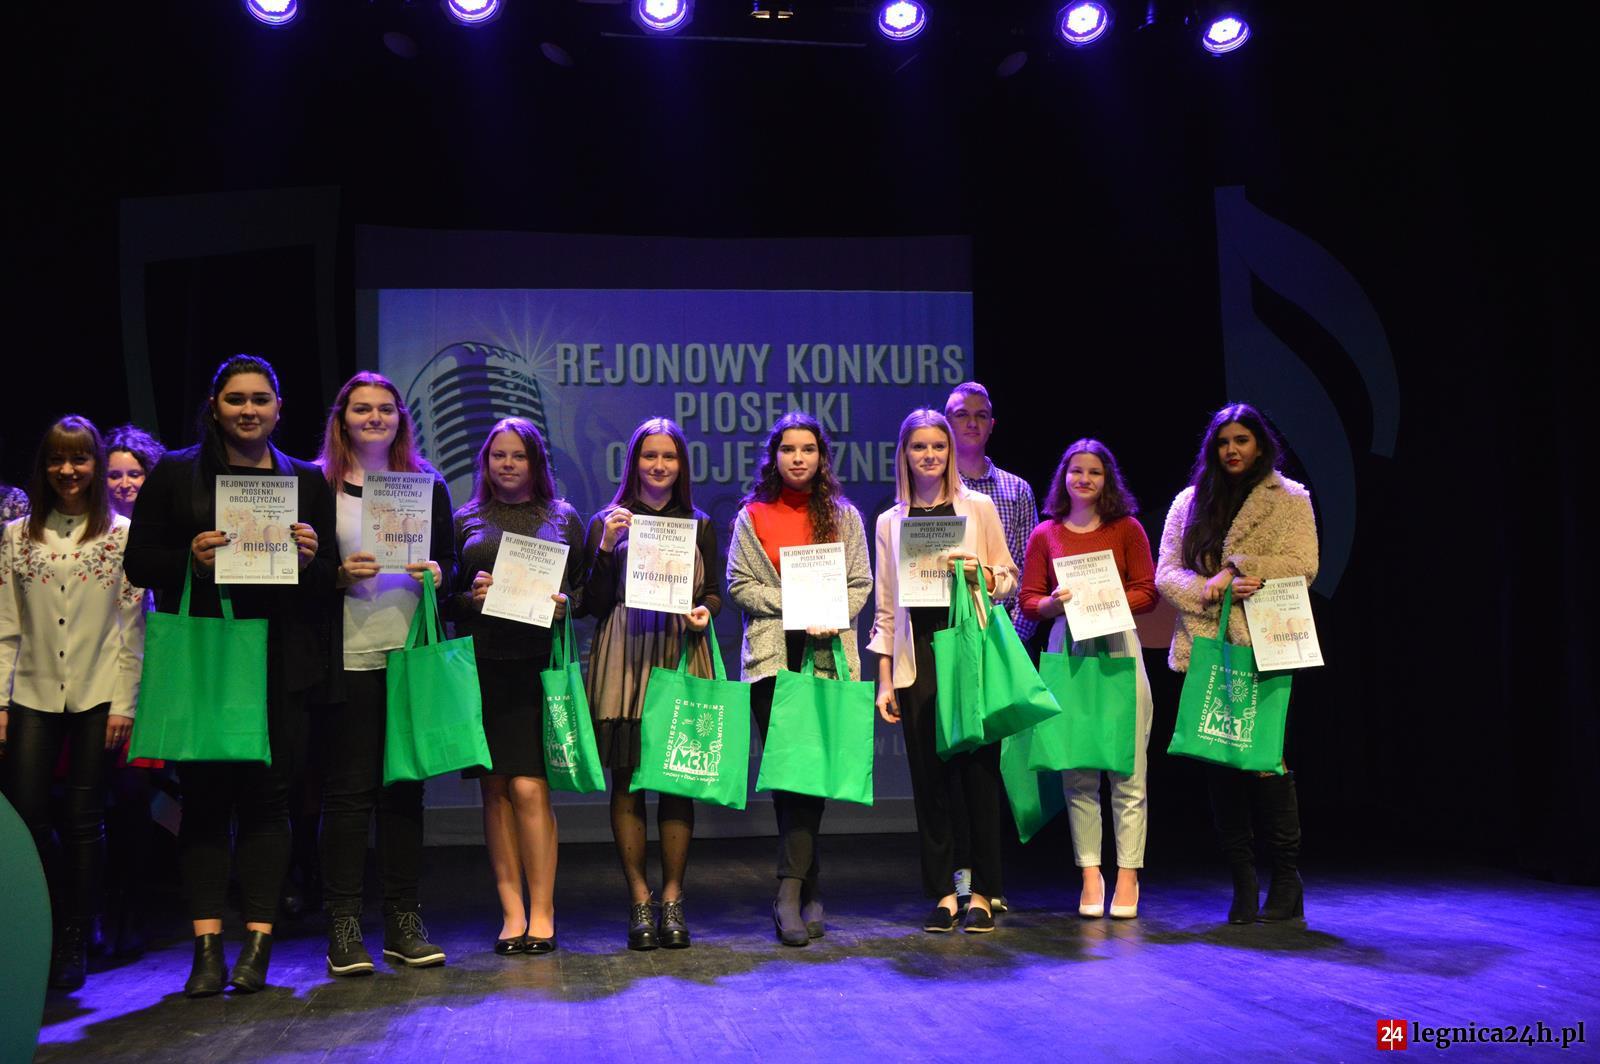 (FOTO) Rejonowy Konkurs Piosenki Obcojęzycznej w MCK Legnica